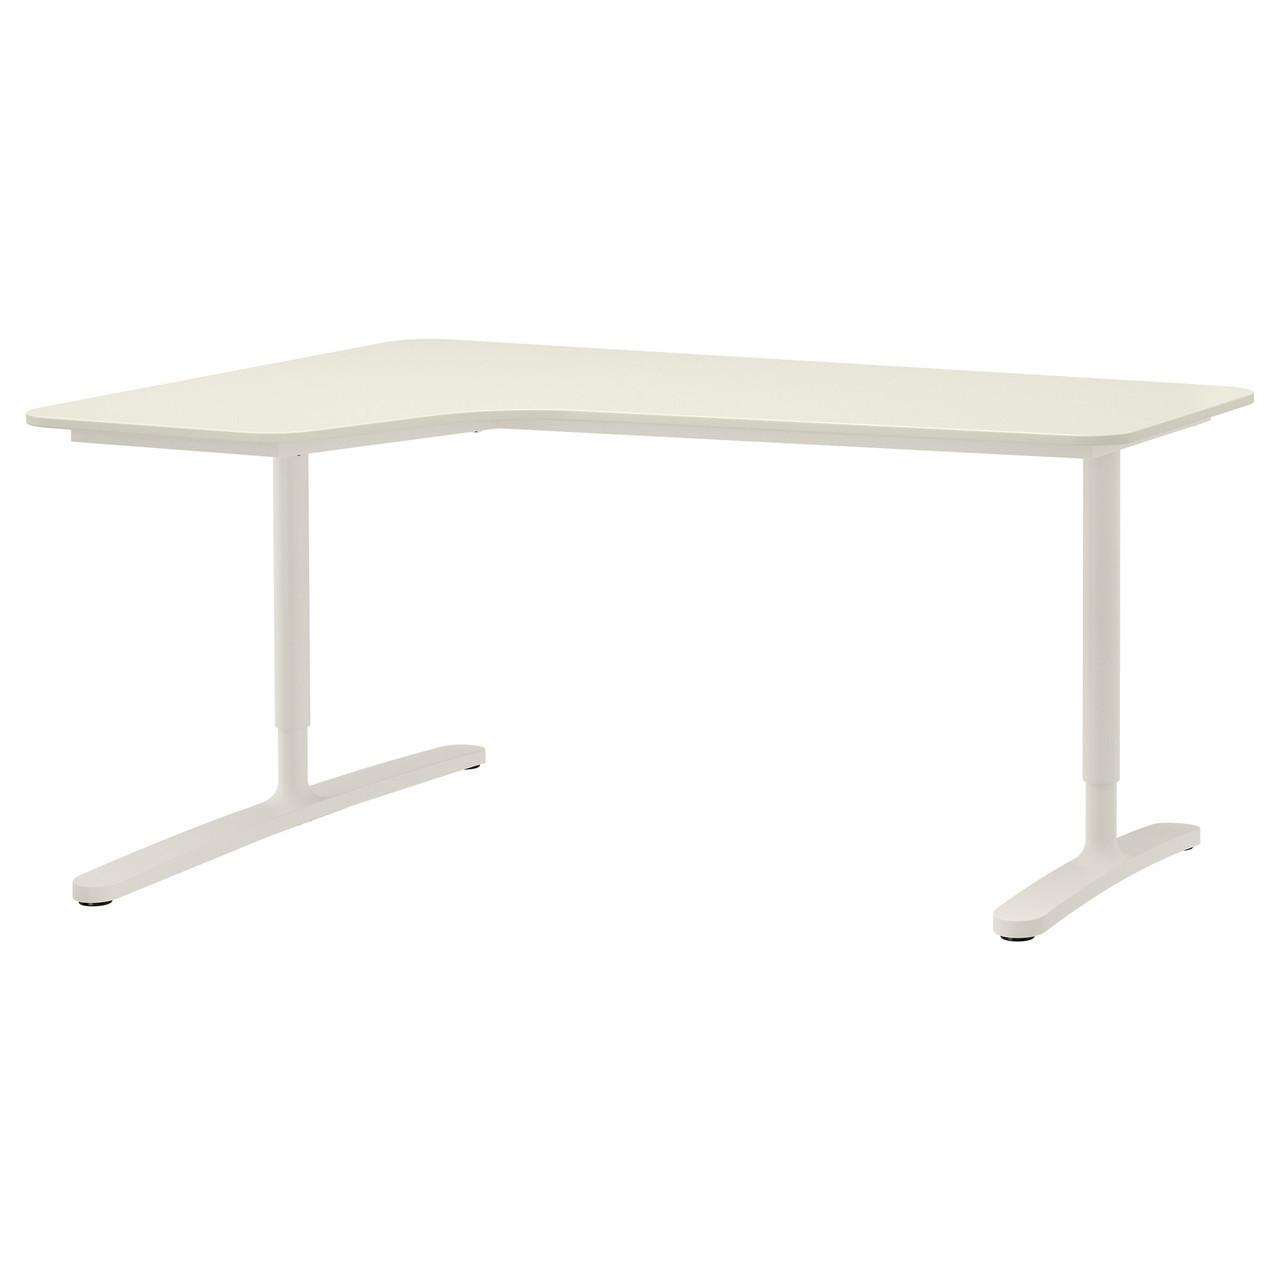 Комп'ютерний стіл IKEA BEKANT 160x110 см кутовий білий 490.064.06